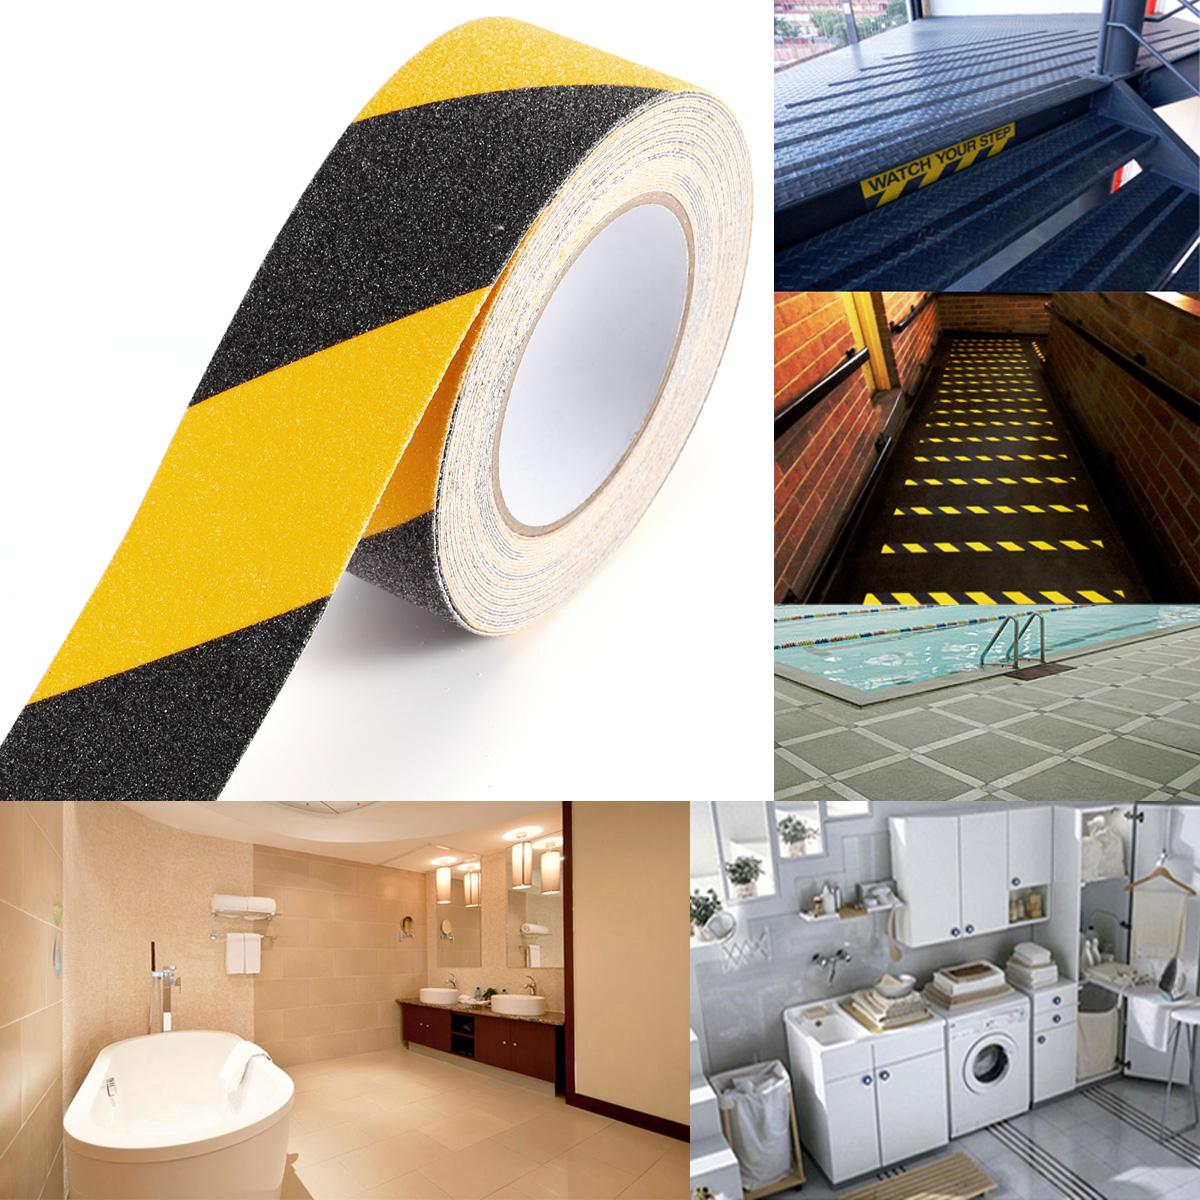 10m 50mm schwarz gelb antirutschband klebeband antirutschbelag stufe bauen ebay. Black Bedroom Furniture Sets. Home Design Ideas